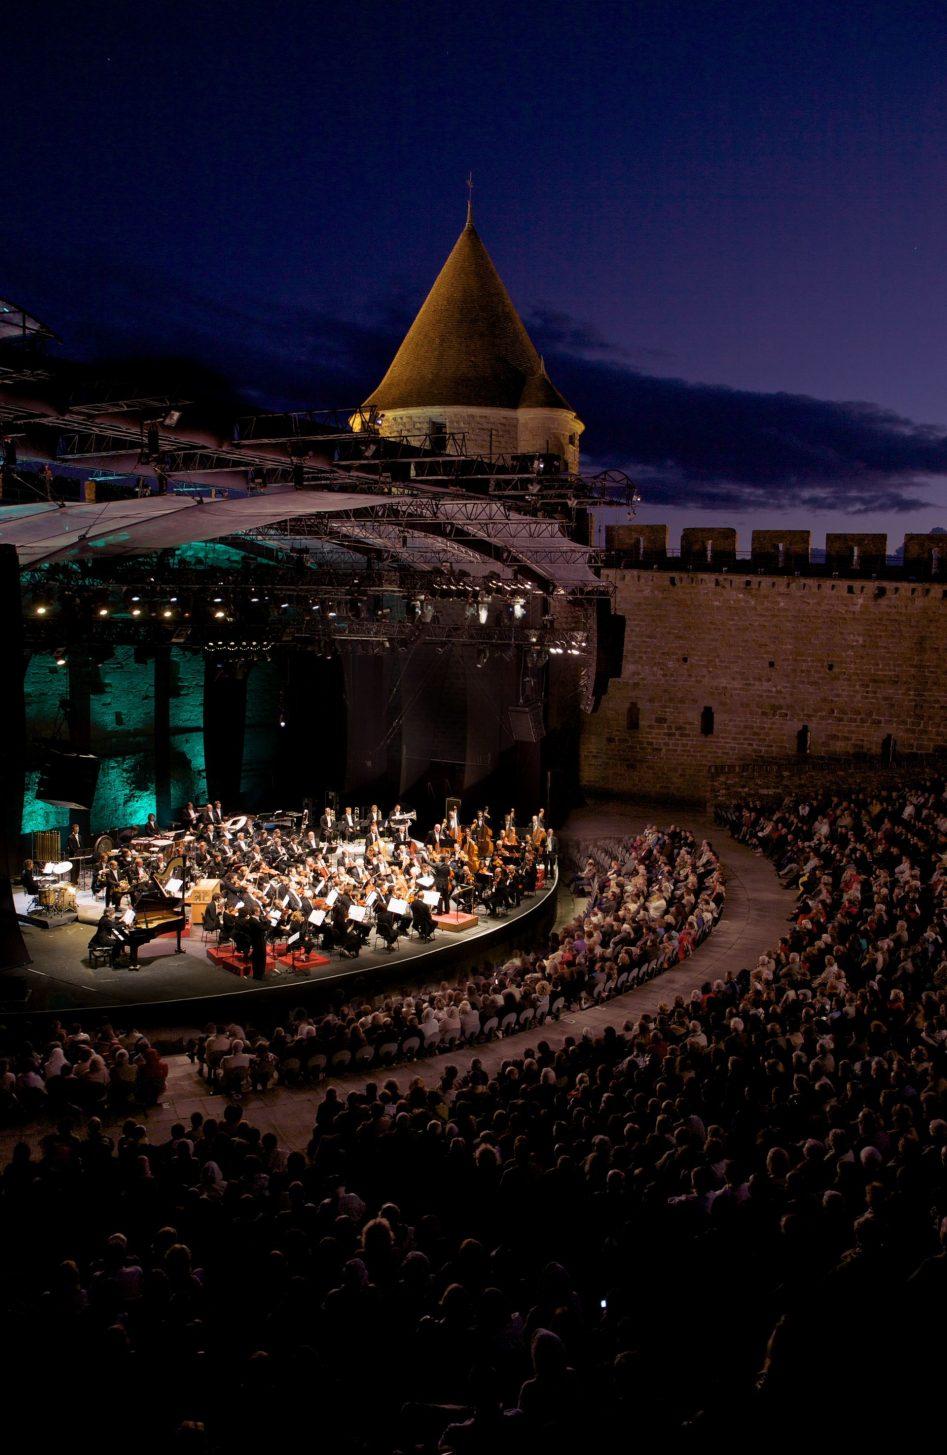 Le Festival de la Cité à Carcassonne ©VIlle de Carcassonne